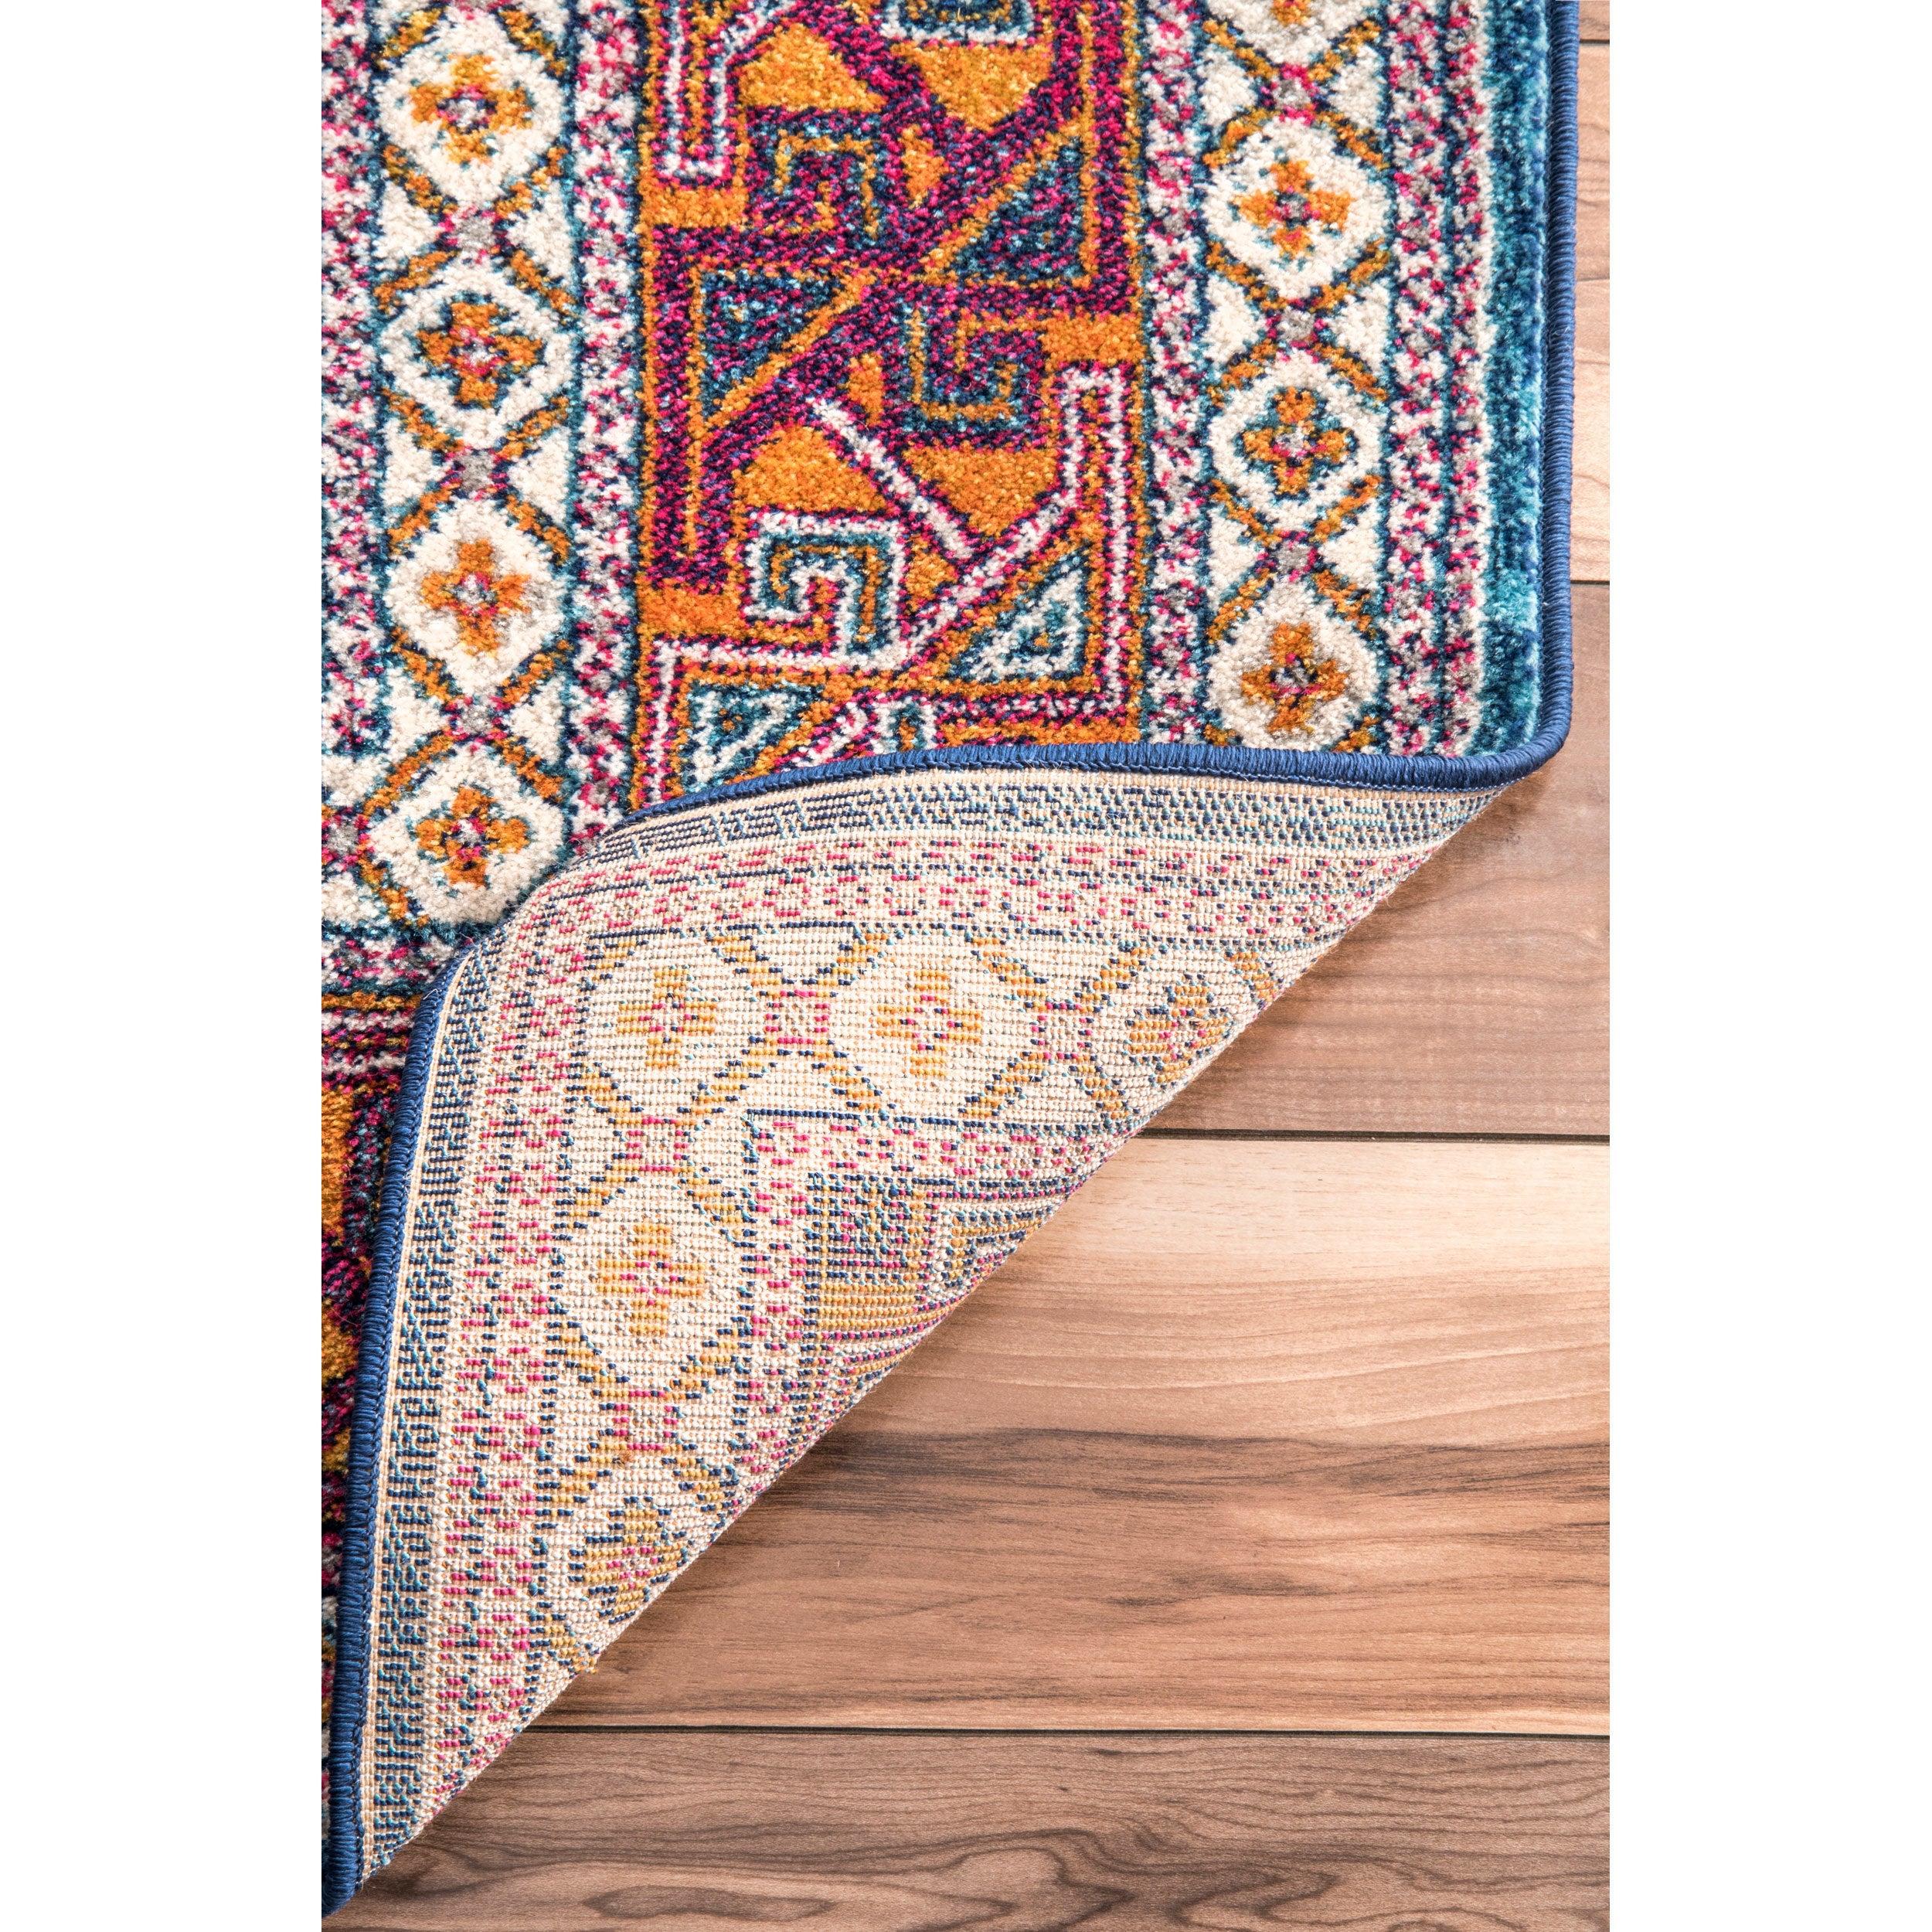 c handmade turkish bohemian rugs il fullxfull wool rose rug area vintage